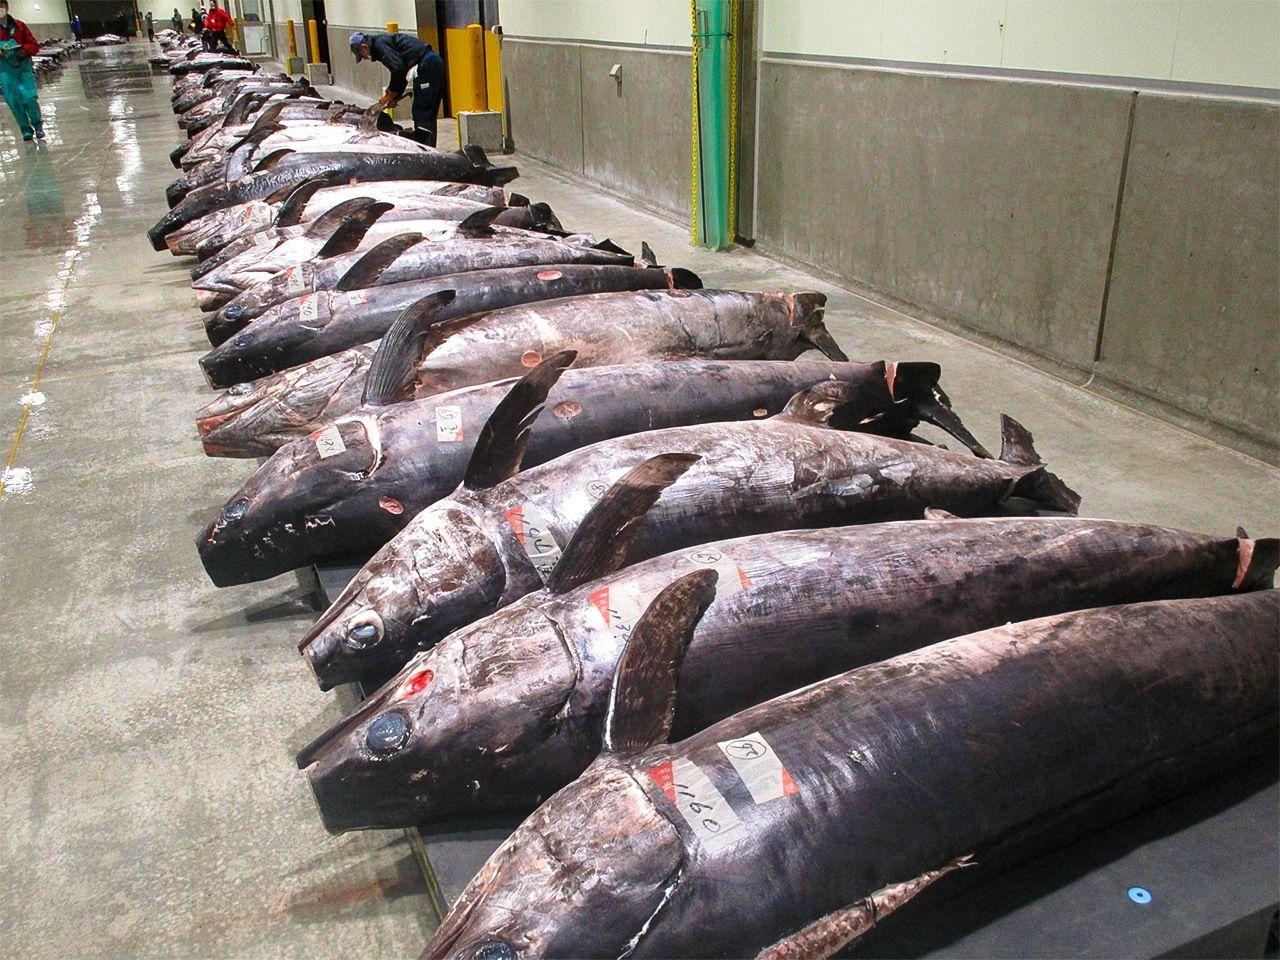 Ряды меч-рыбы на зимнем рыбном рынке Кэсэннумы, гордящегося самыми большими объемами доставки уловов во всей Японии. Нередки огромные особи весом более 300кг